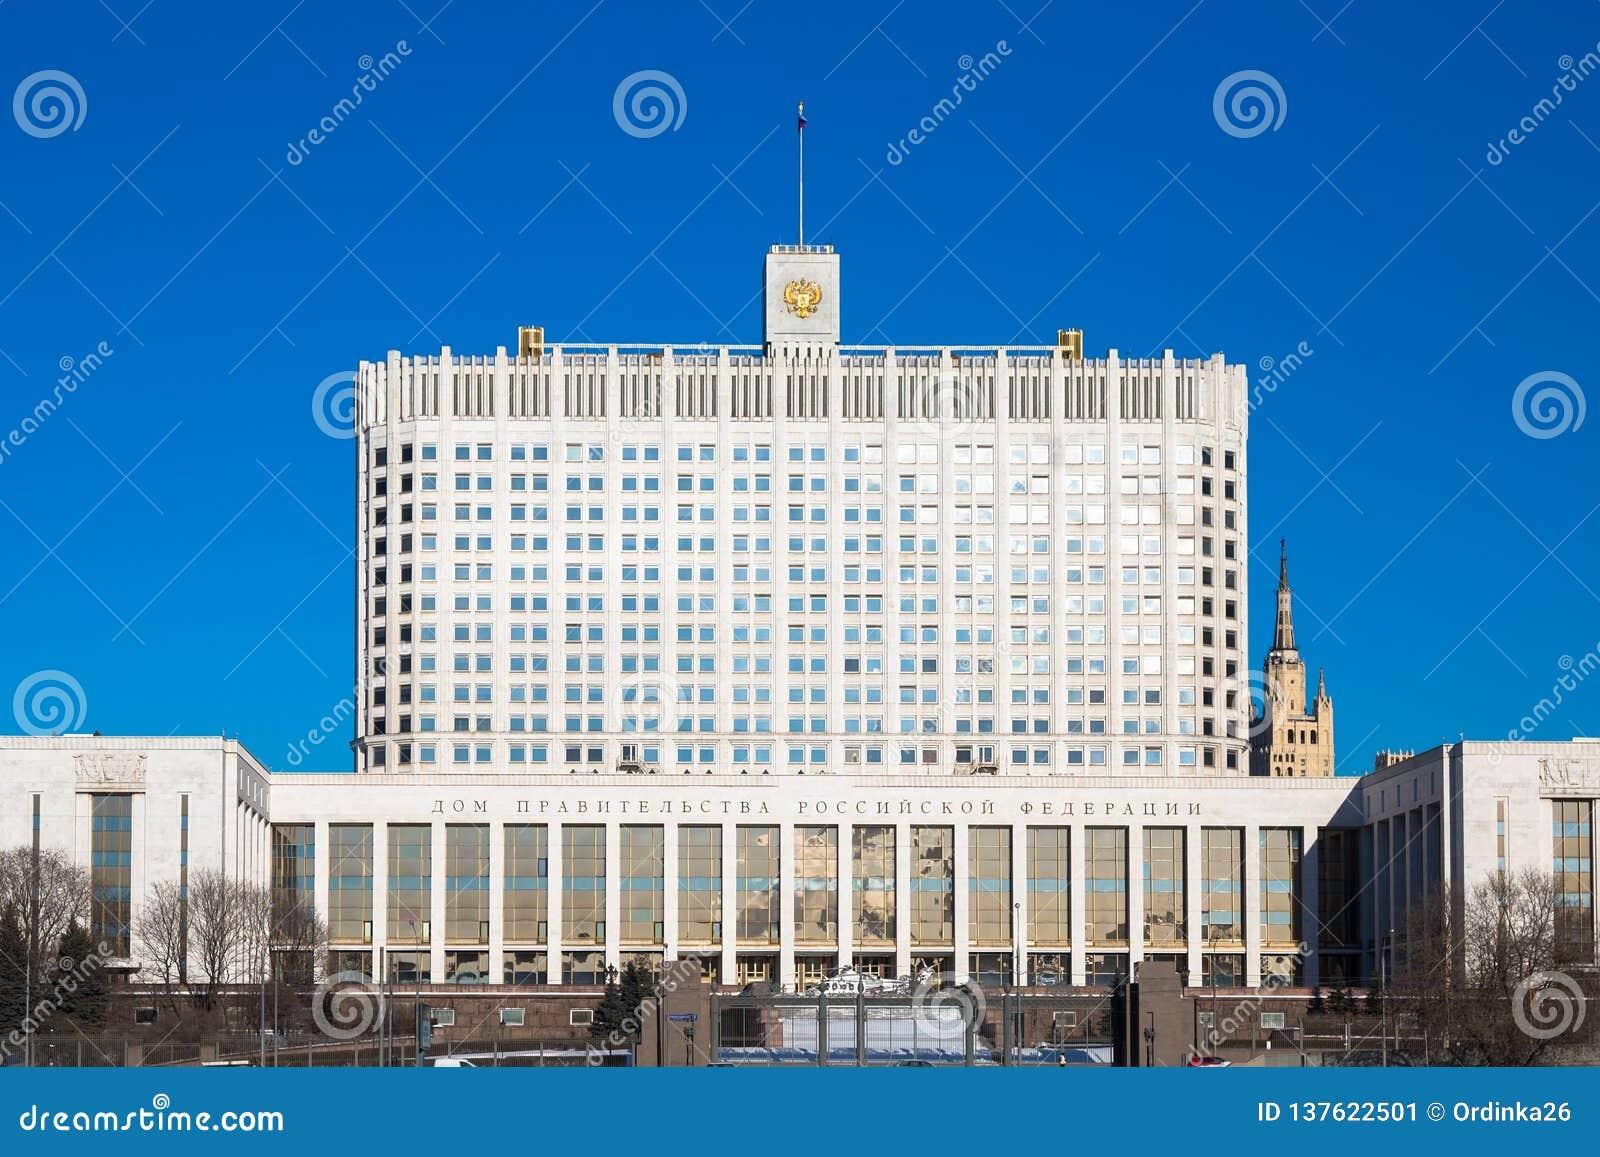 Das russische Weiße Haus Titel auf einem Buliding übersetzt: